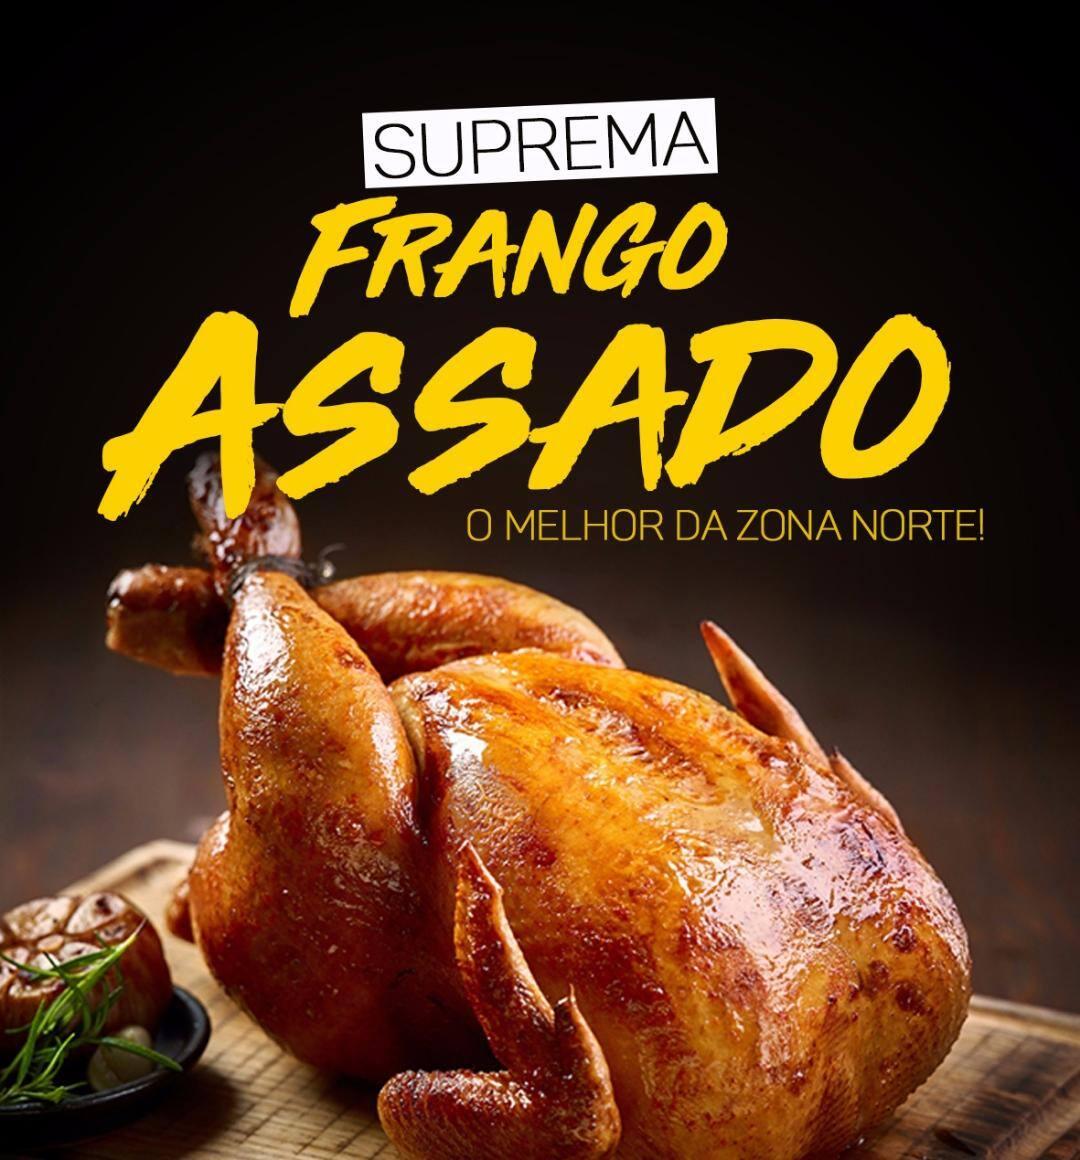 Suprema Frango